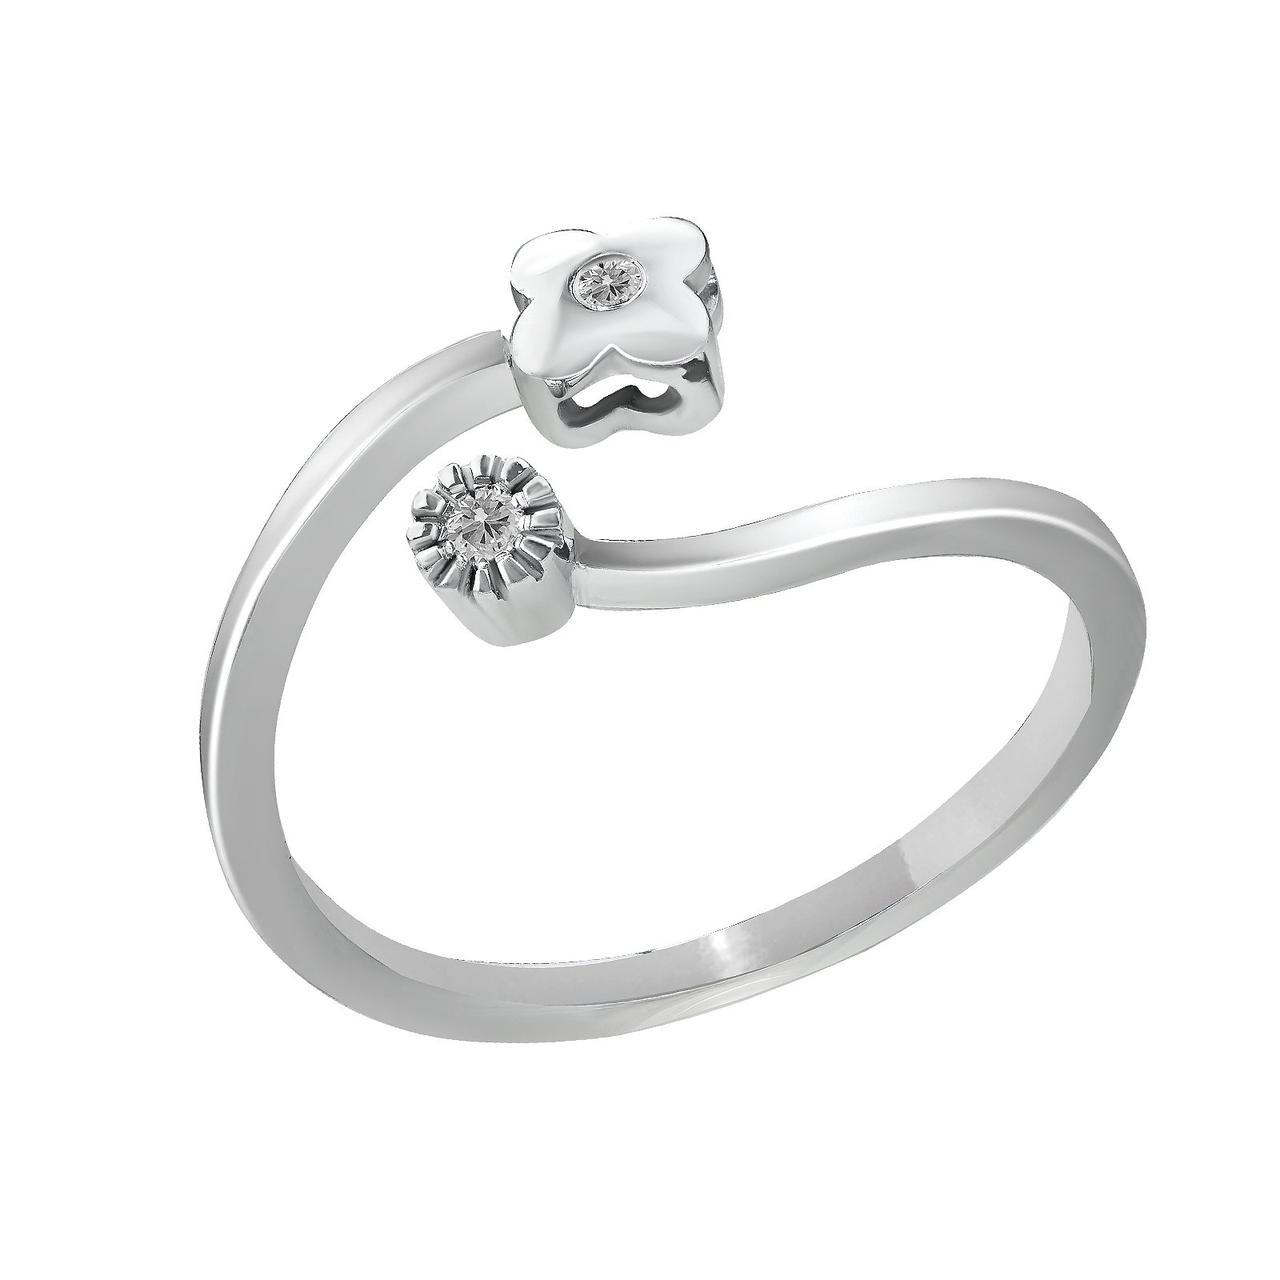 Золотое кольцо с бриллиантами, размер 16.5 (885148)